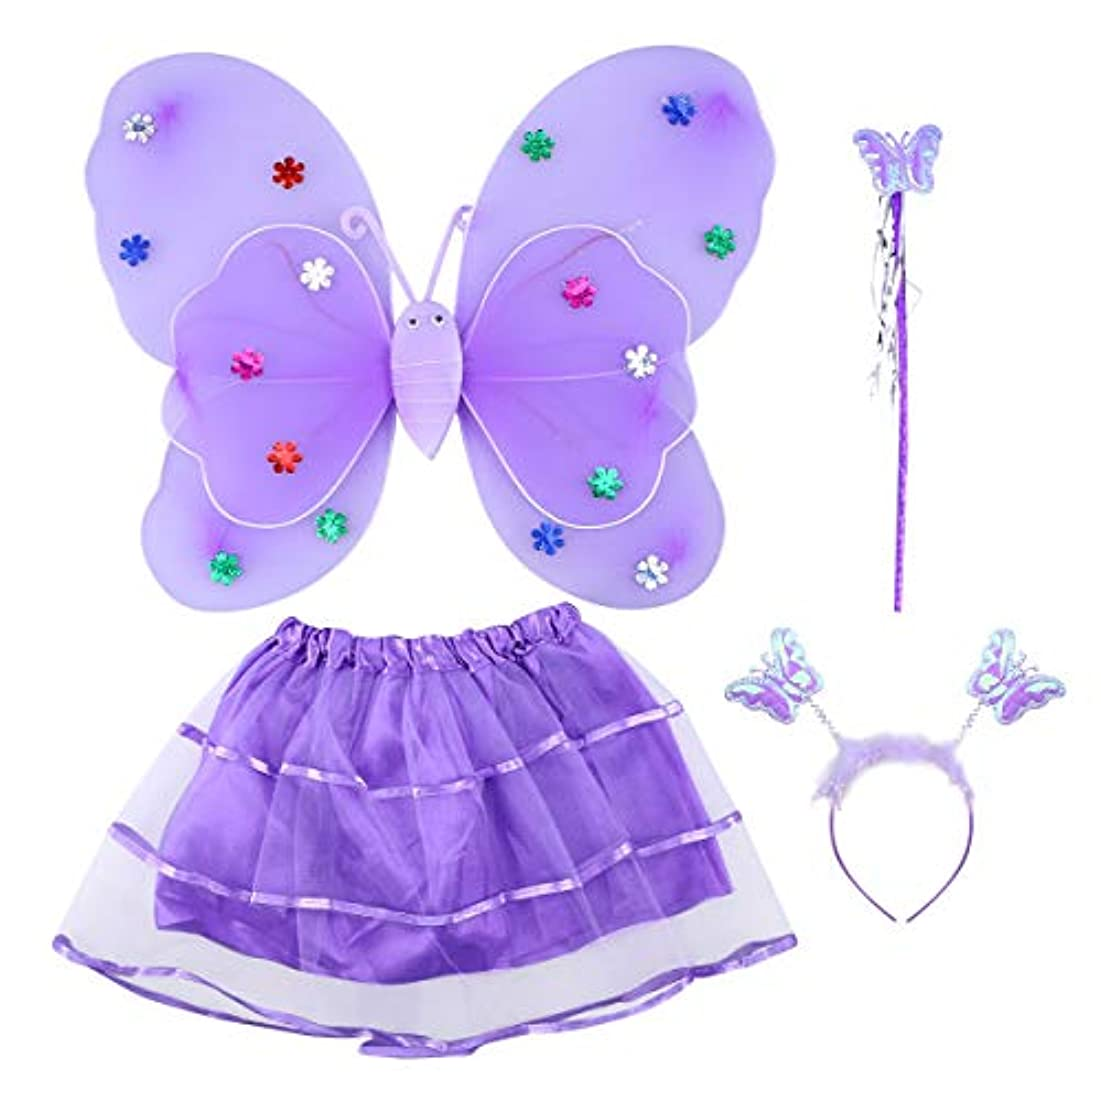 主観的志すアナログBESTOYARD 4本の女の子のチュチュスカート蝶の羽の杖LEDライトフェアリーコスチュームセット二重層蝶の羽の杖ヘッドバンドパーティーコスチュームセット(パープル)